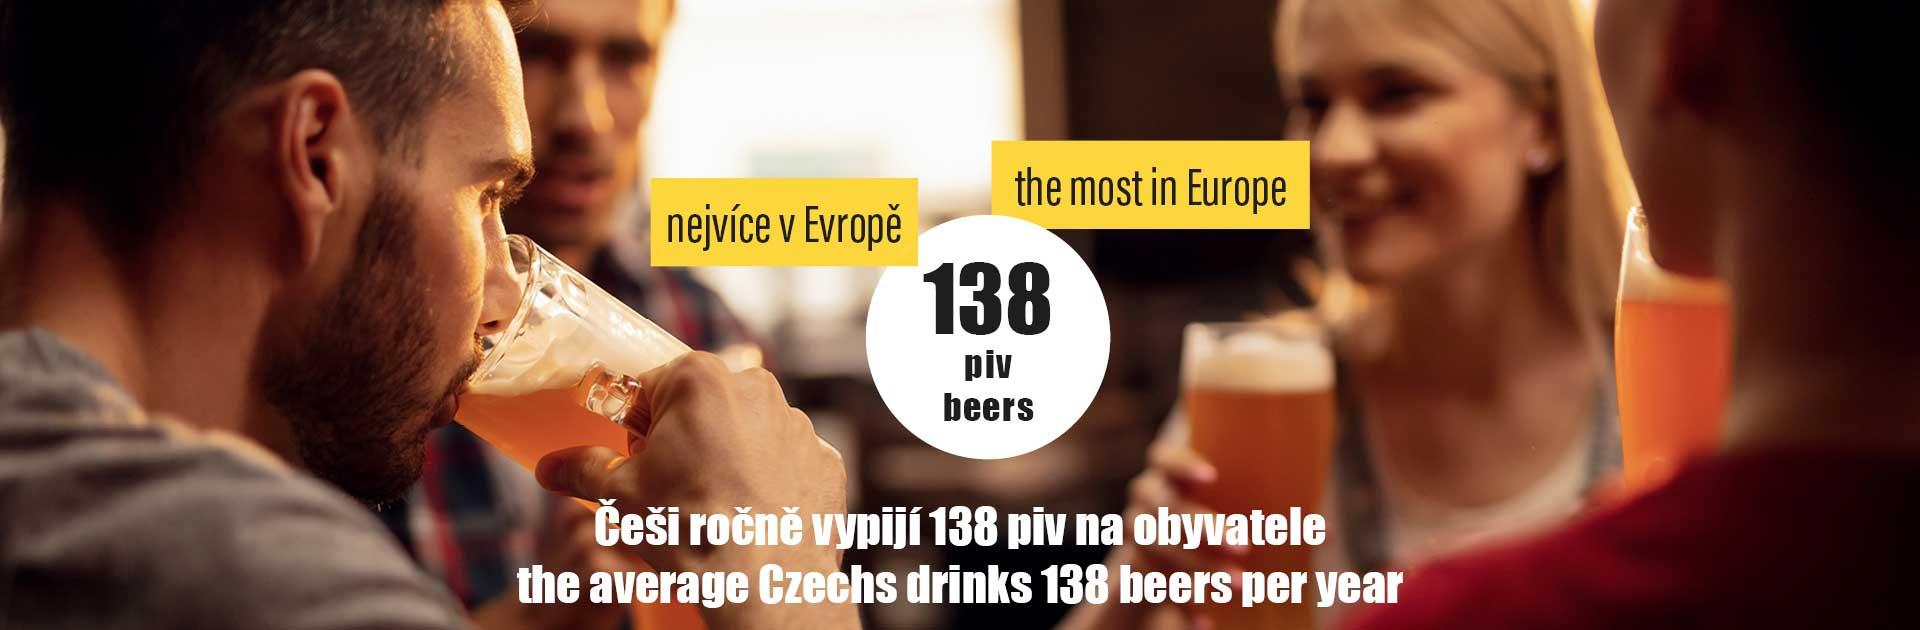 VisitPivo.cz - nejvíce v Evropě